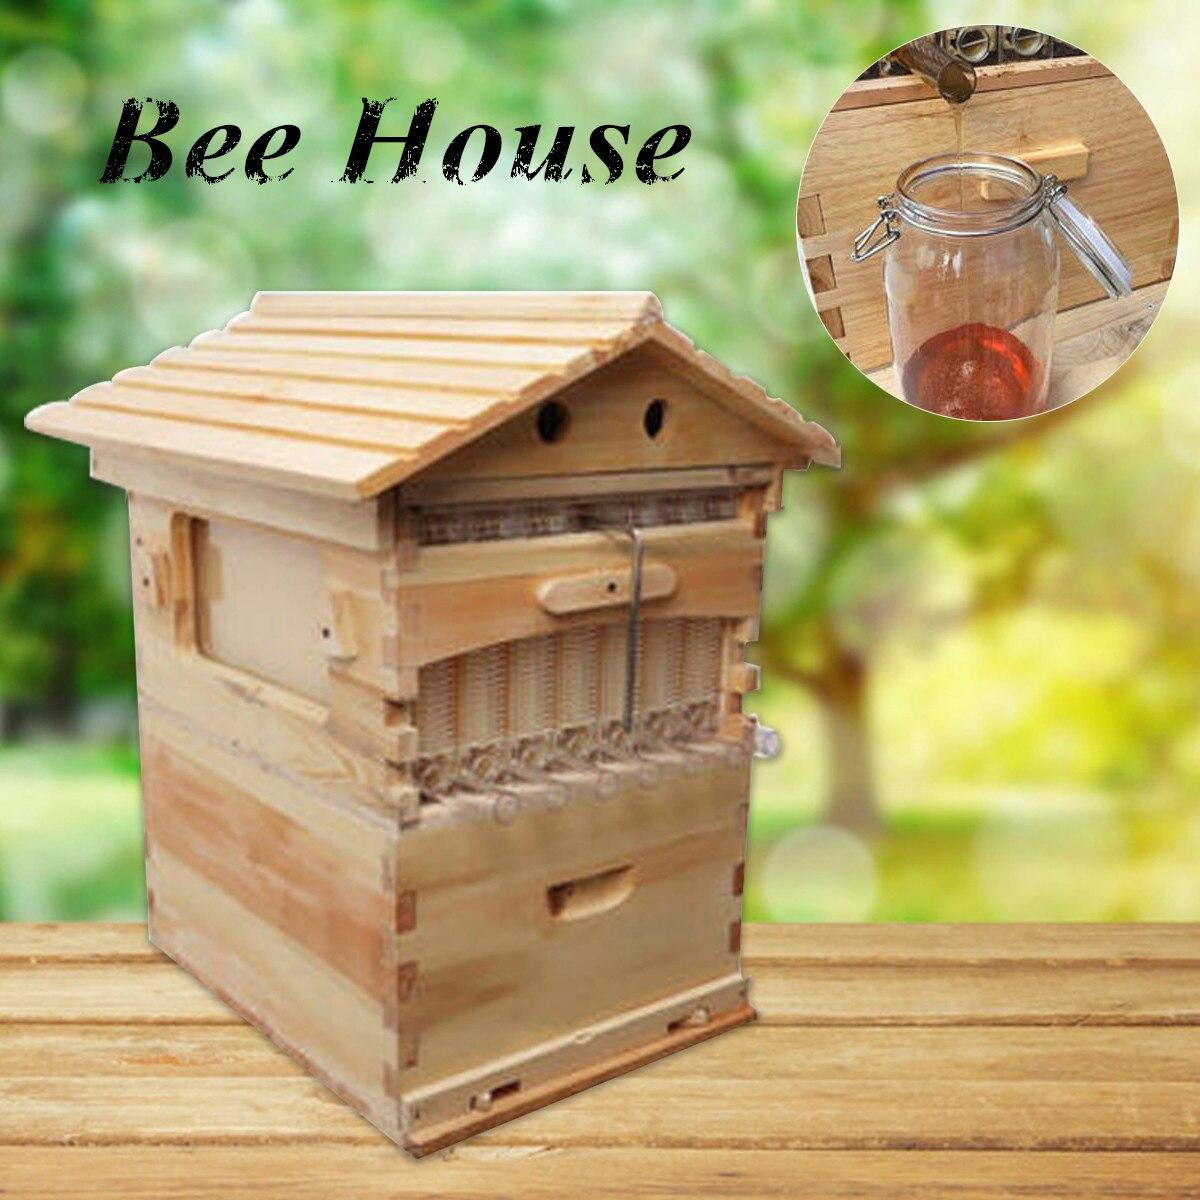 Nouveau Unique L'apiculture Boîte Maison 65x42x23 cm Excellente Ruche Maison Avec Fine Bois